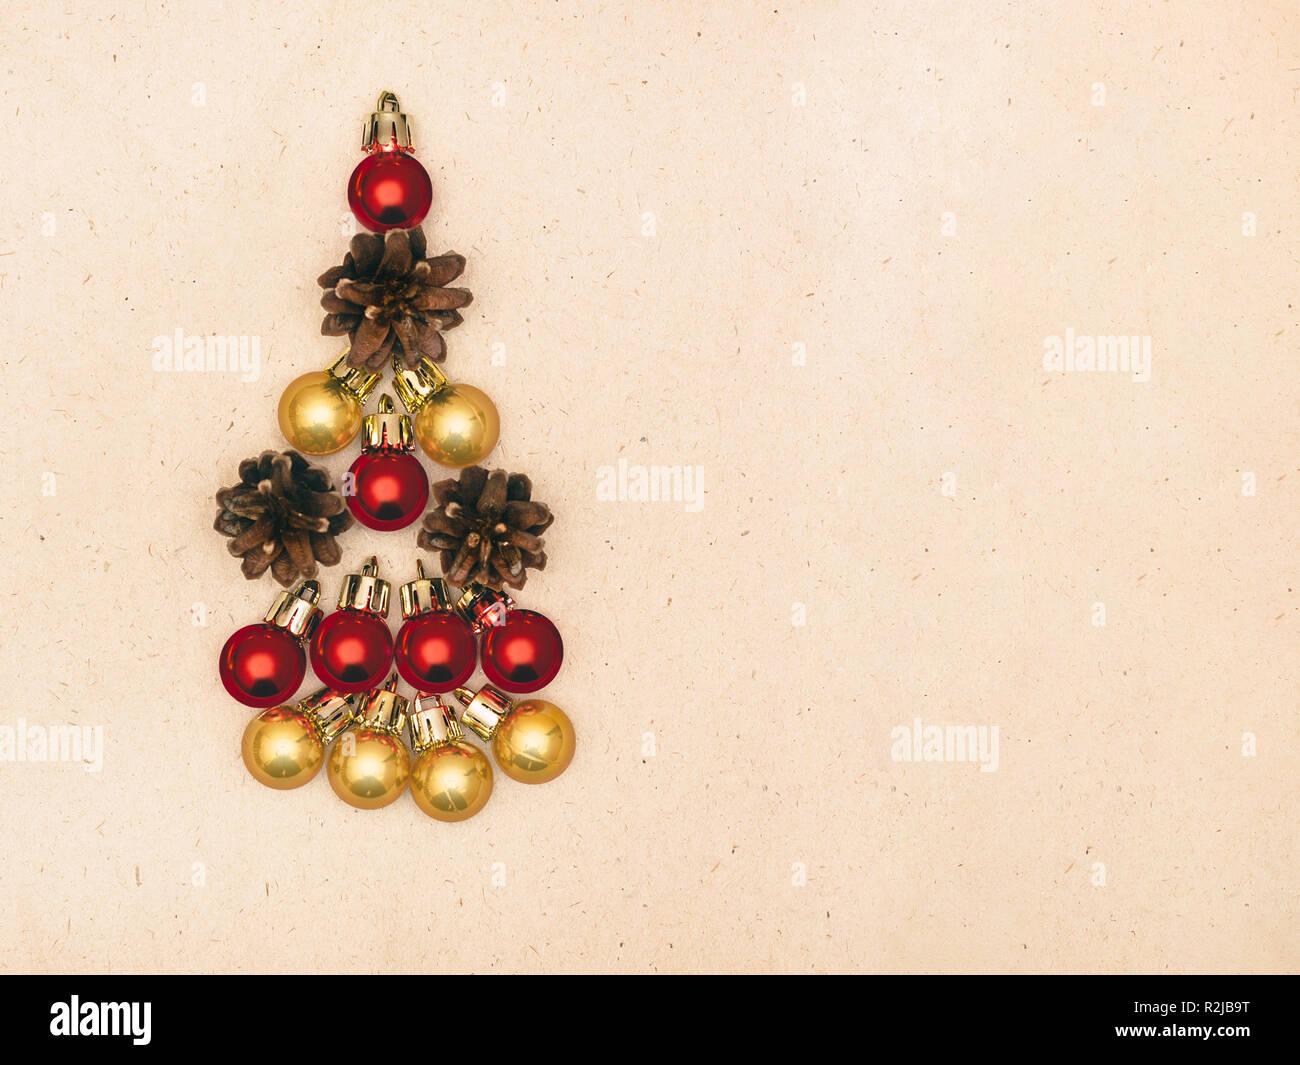 Immagini Piccole Di Natale.Decorative Dei Giocattoli Di Natale Piatto Foto Laici Molte